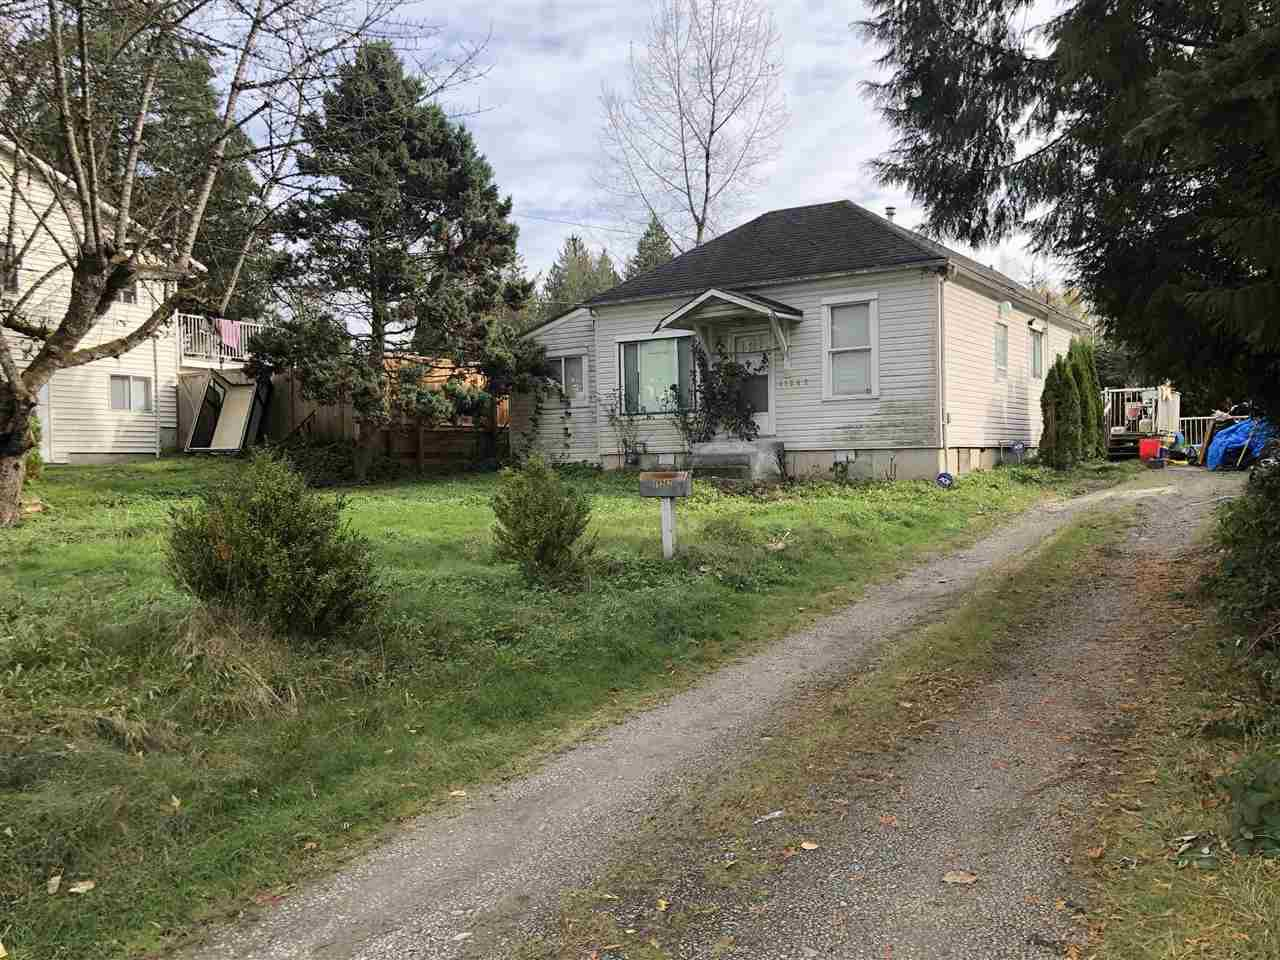 Main Photo: 11262 BURNETT Street in Maple Ridge: East Central House for sale : MLS®# R2511992